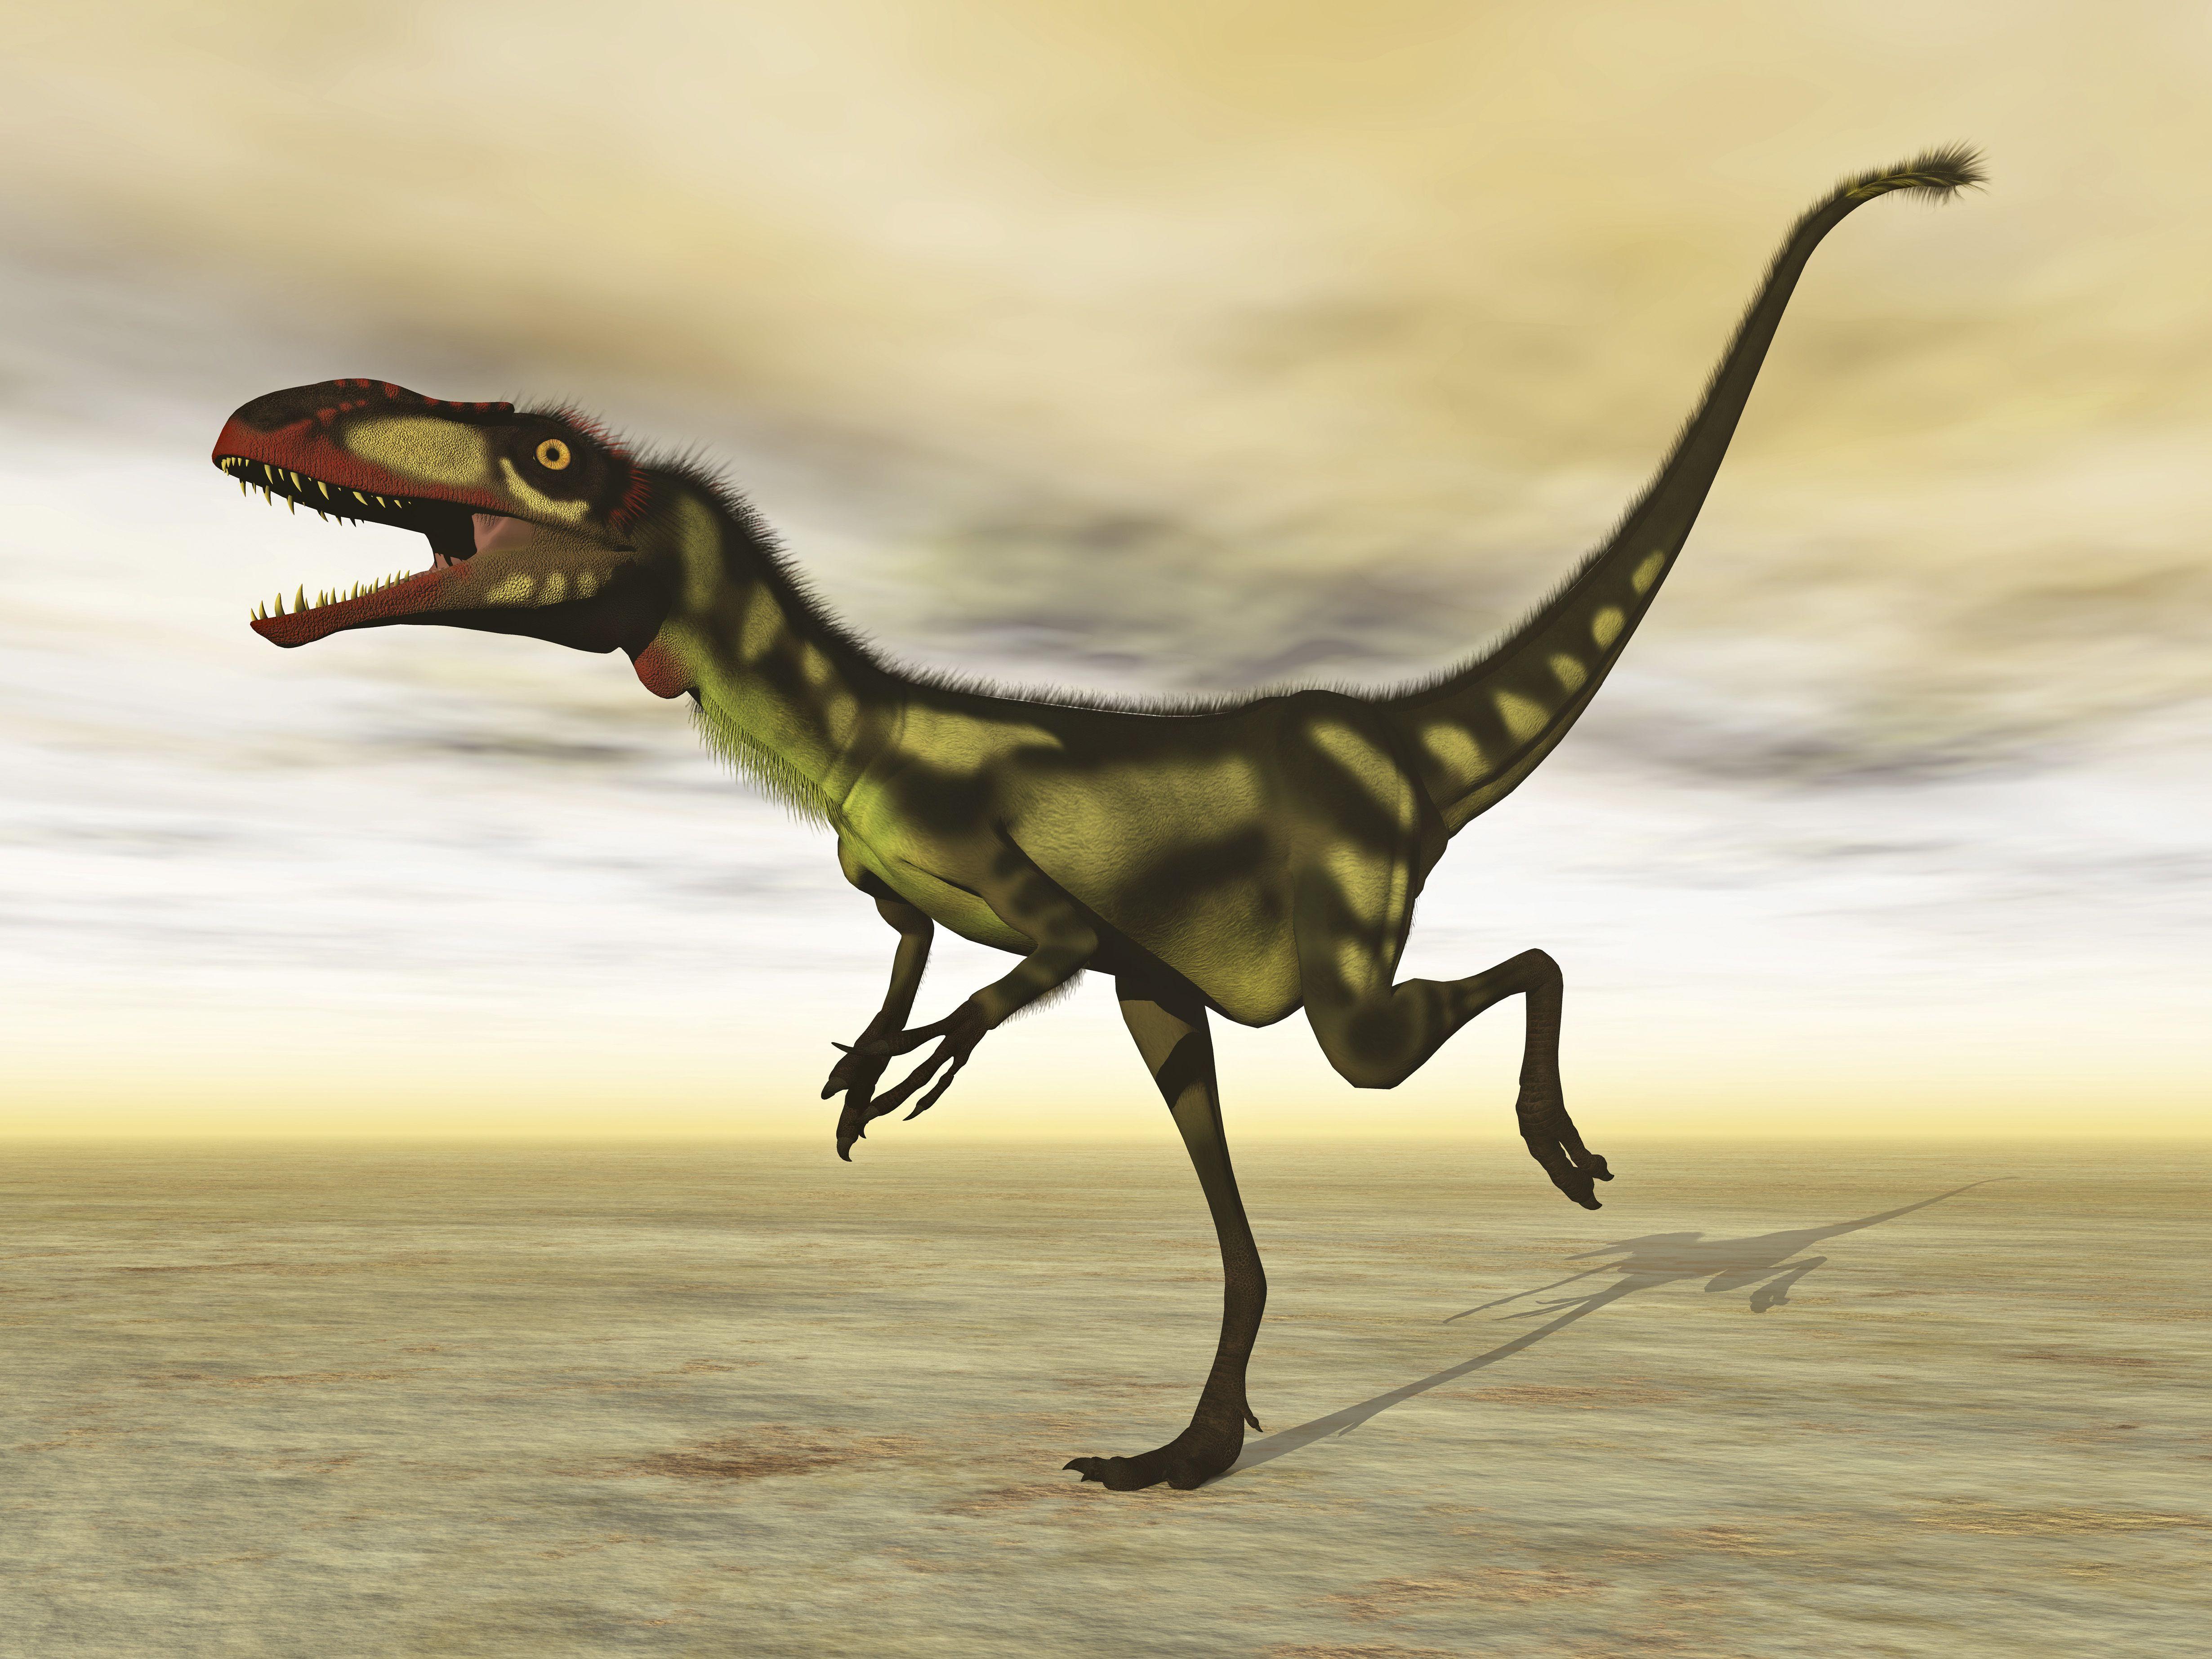 Dilong dinosaur in the desert